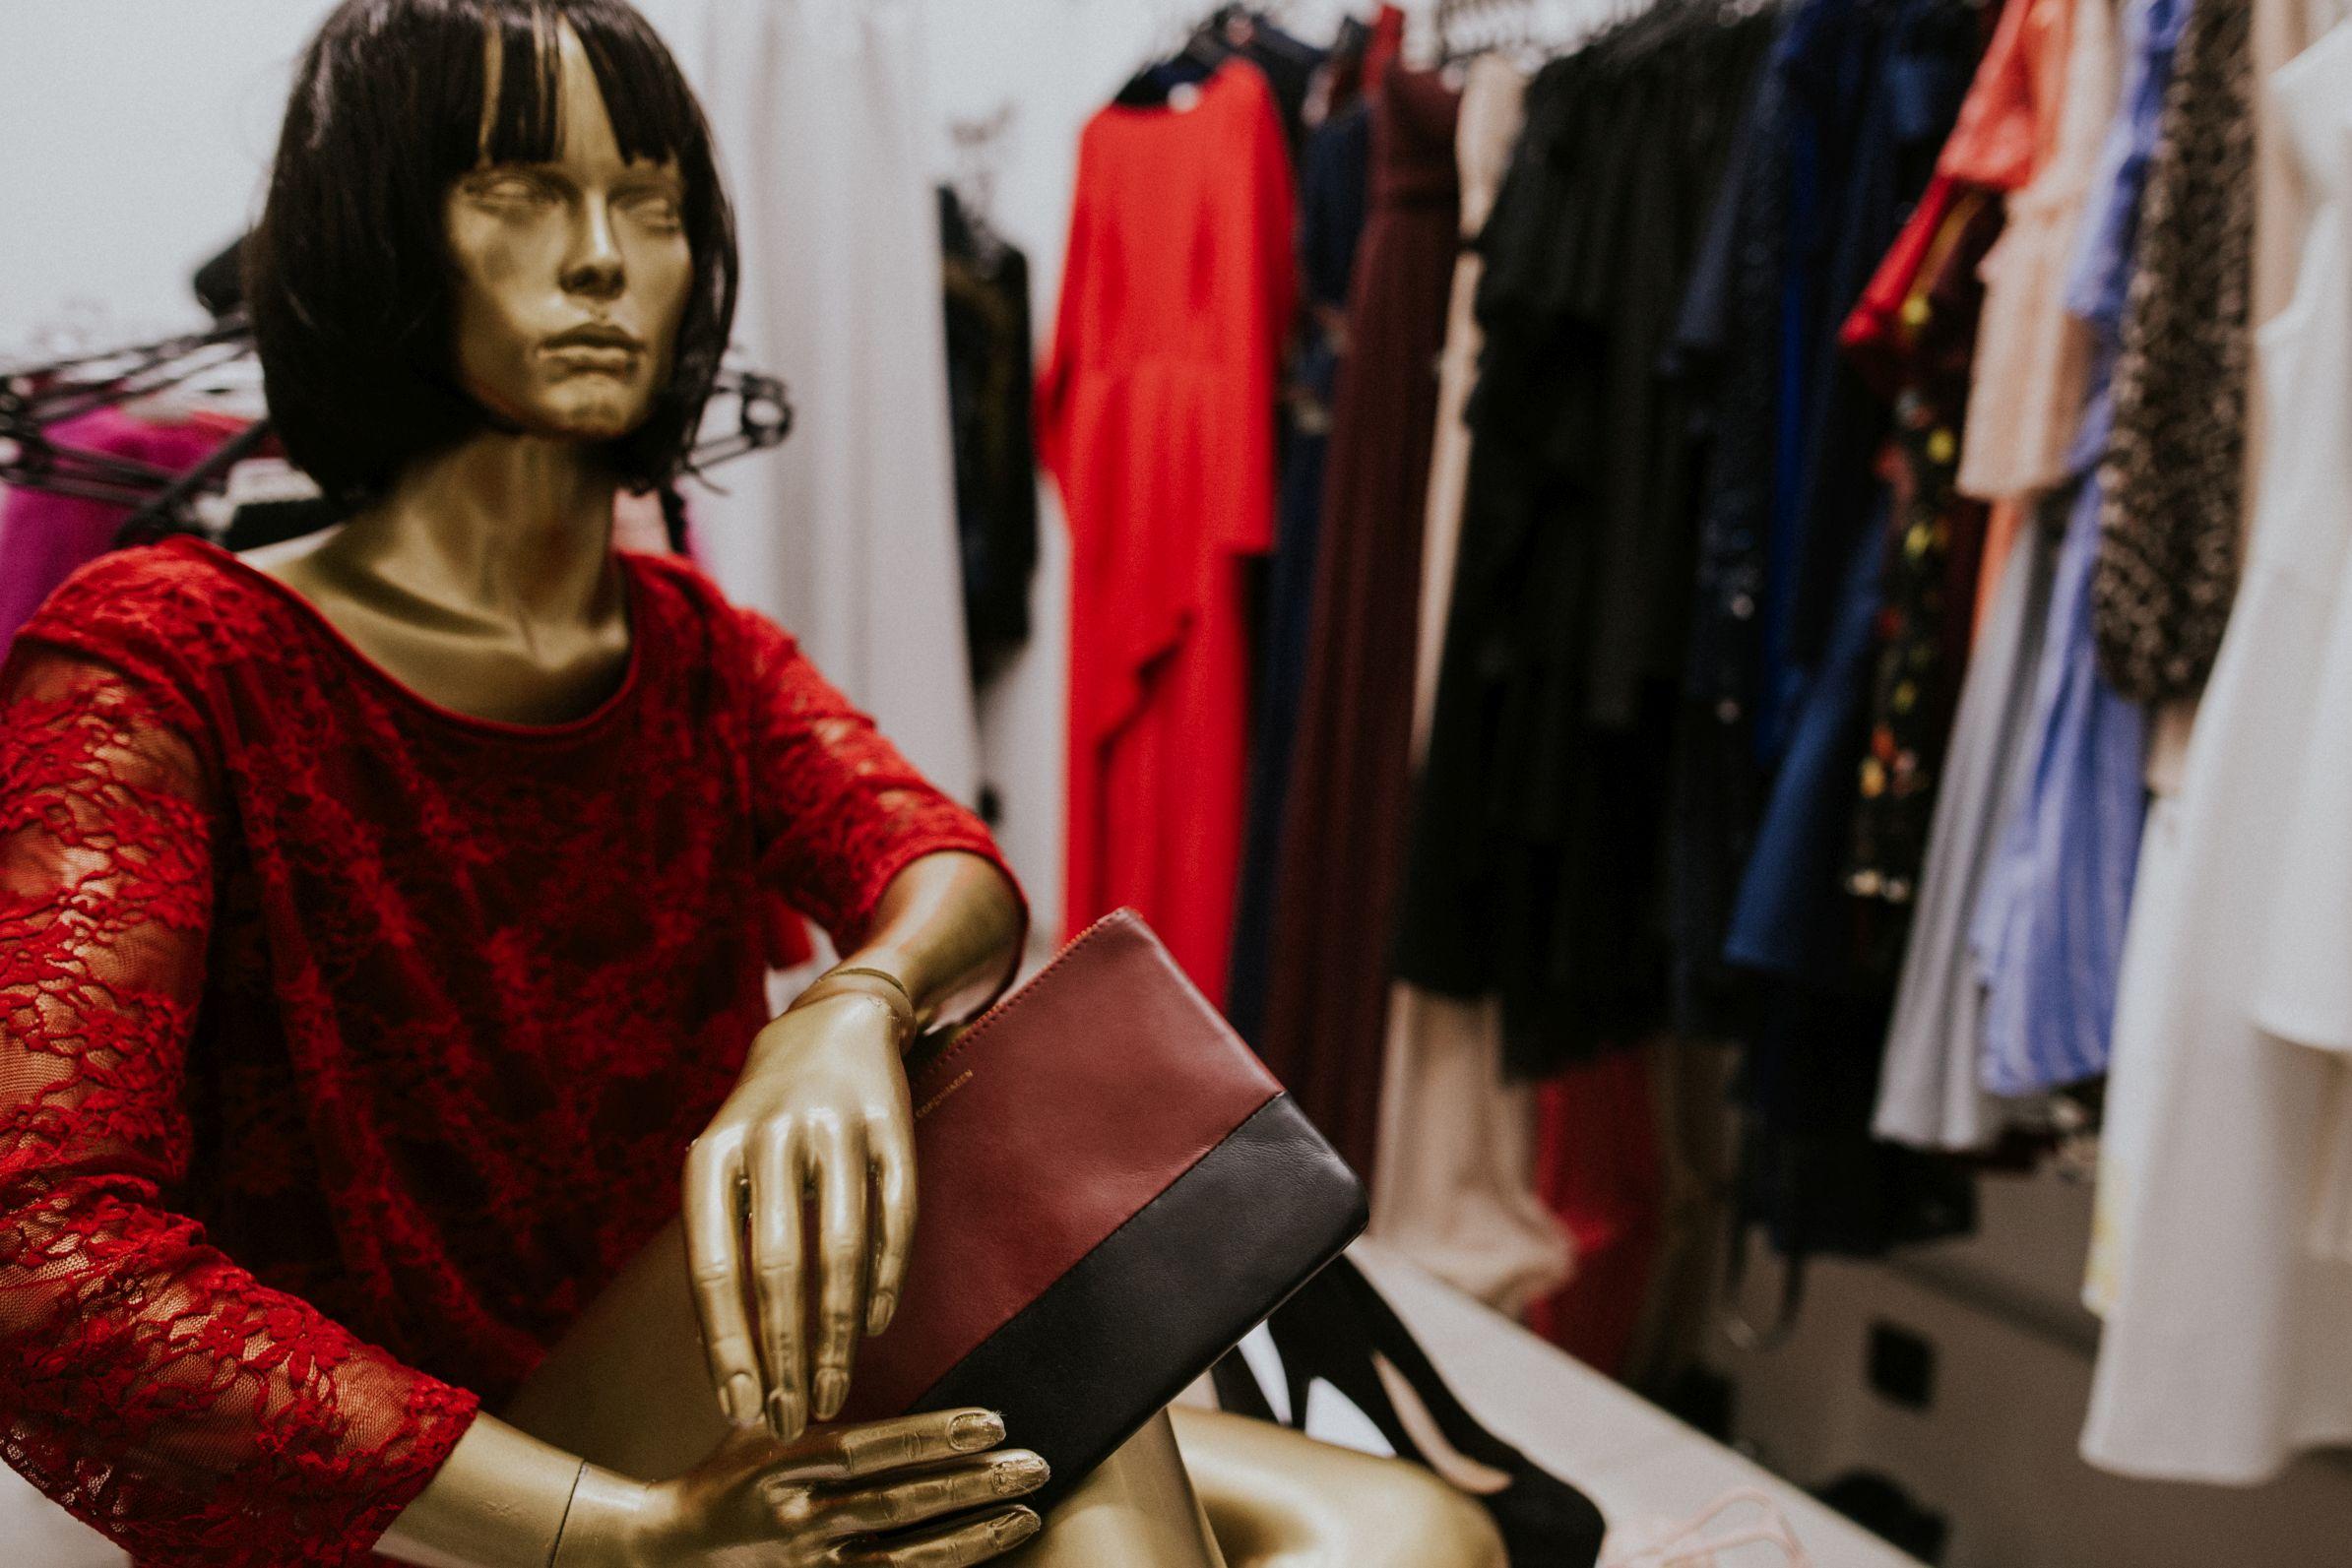 Uważasz, że we wszystkich sklepach z odzieżą jest to samo? Znamy miejsce, gdzie tak nie jest!